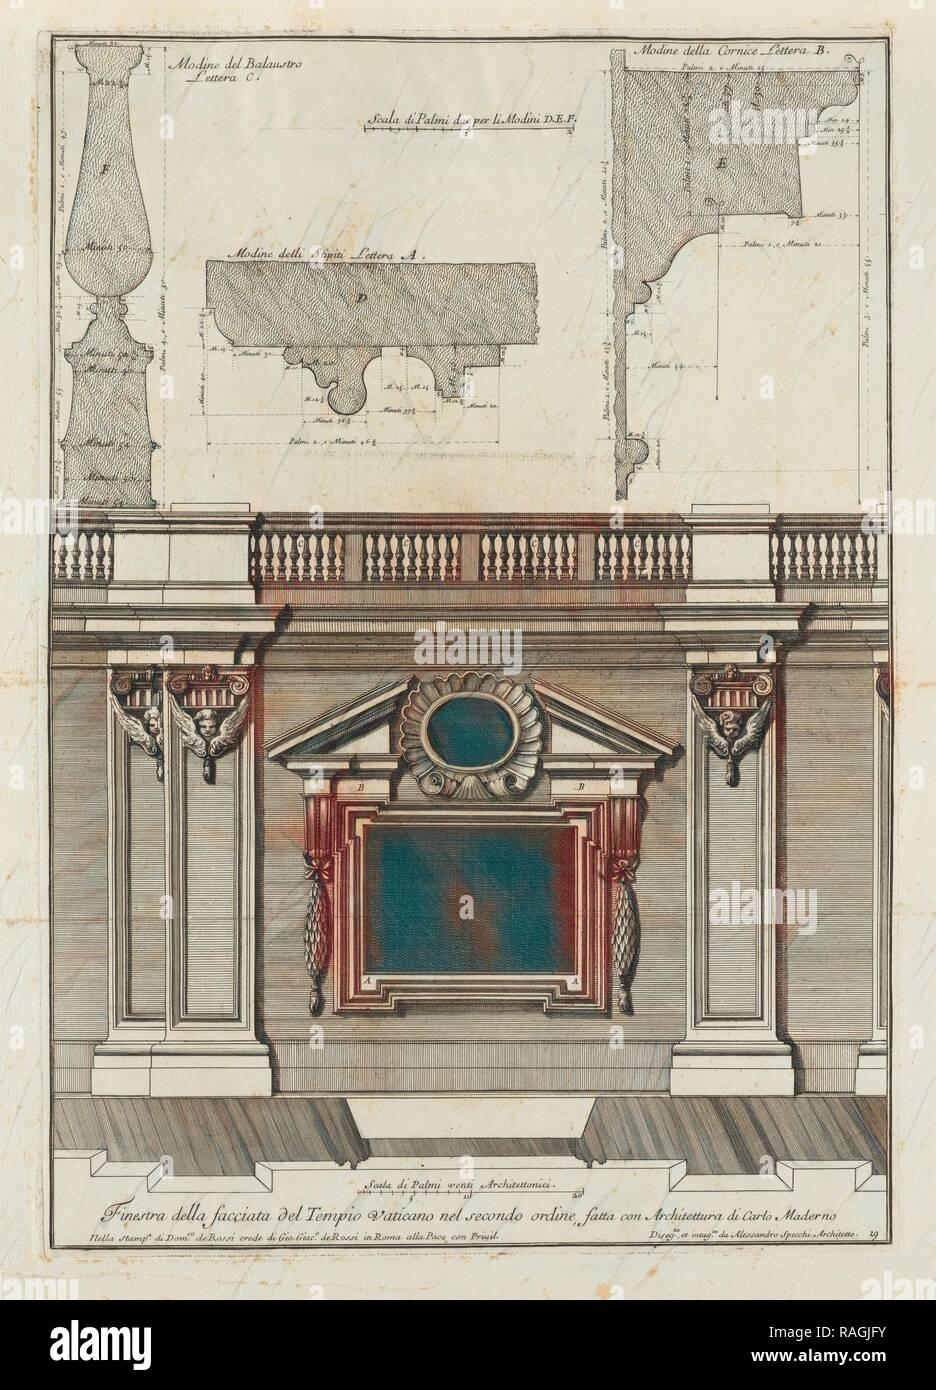 fatta con architettura di Carlo Maderno, Finestra della facciata del Tempio Vaticano nel secondo ordine, fatta con reimagined Stock Photo